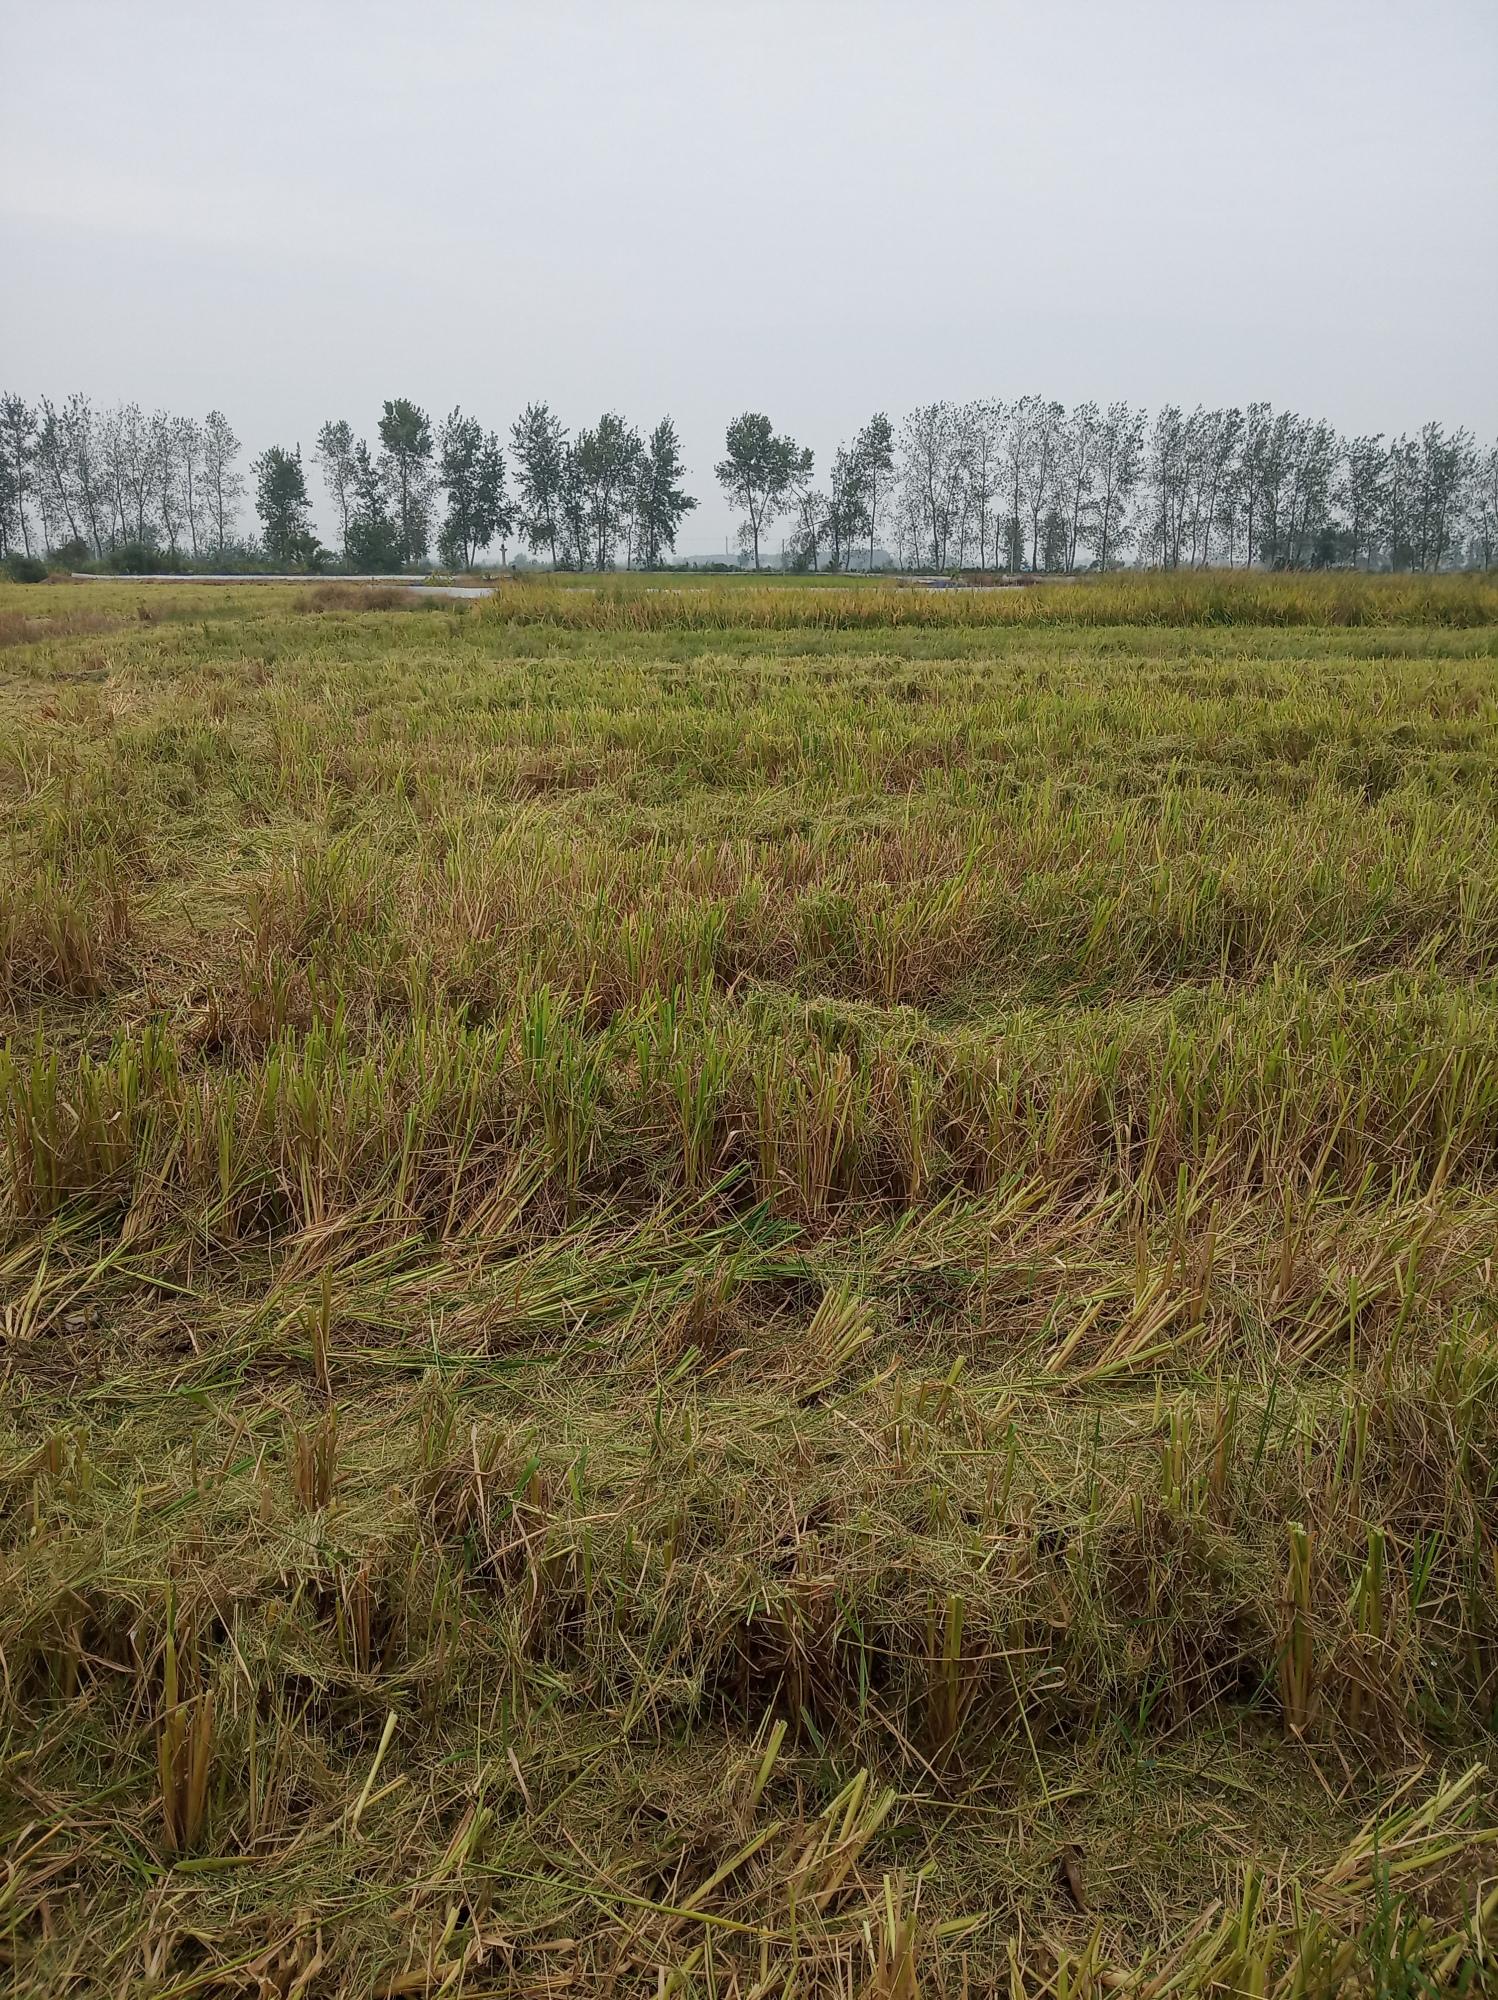 稻虾田收割之后稻茬到底是留长还是留短?稻茬返青是好事吗?